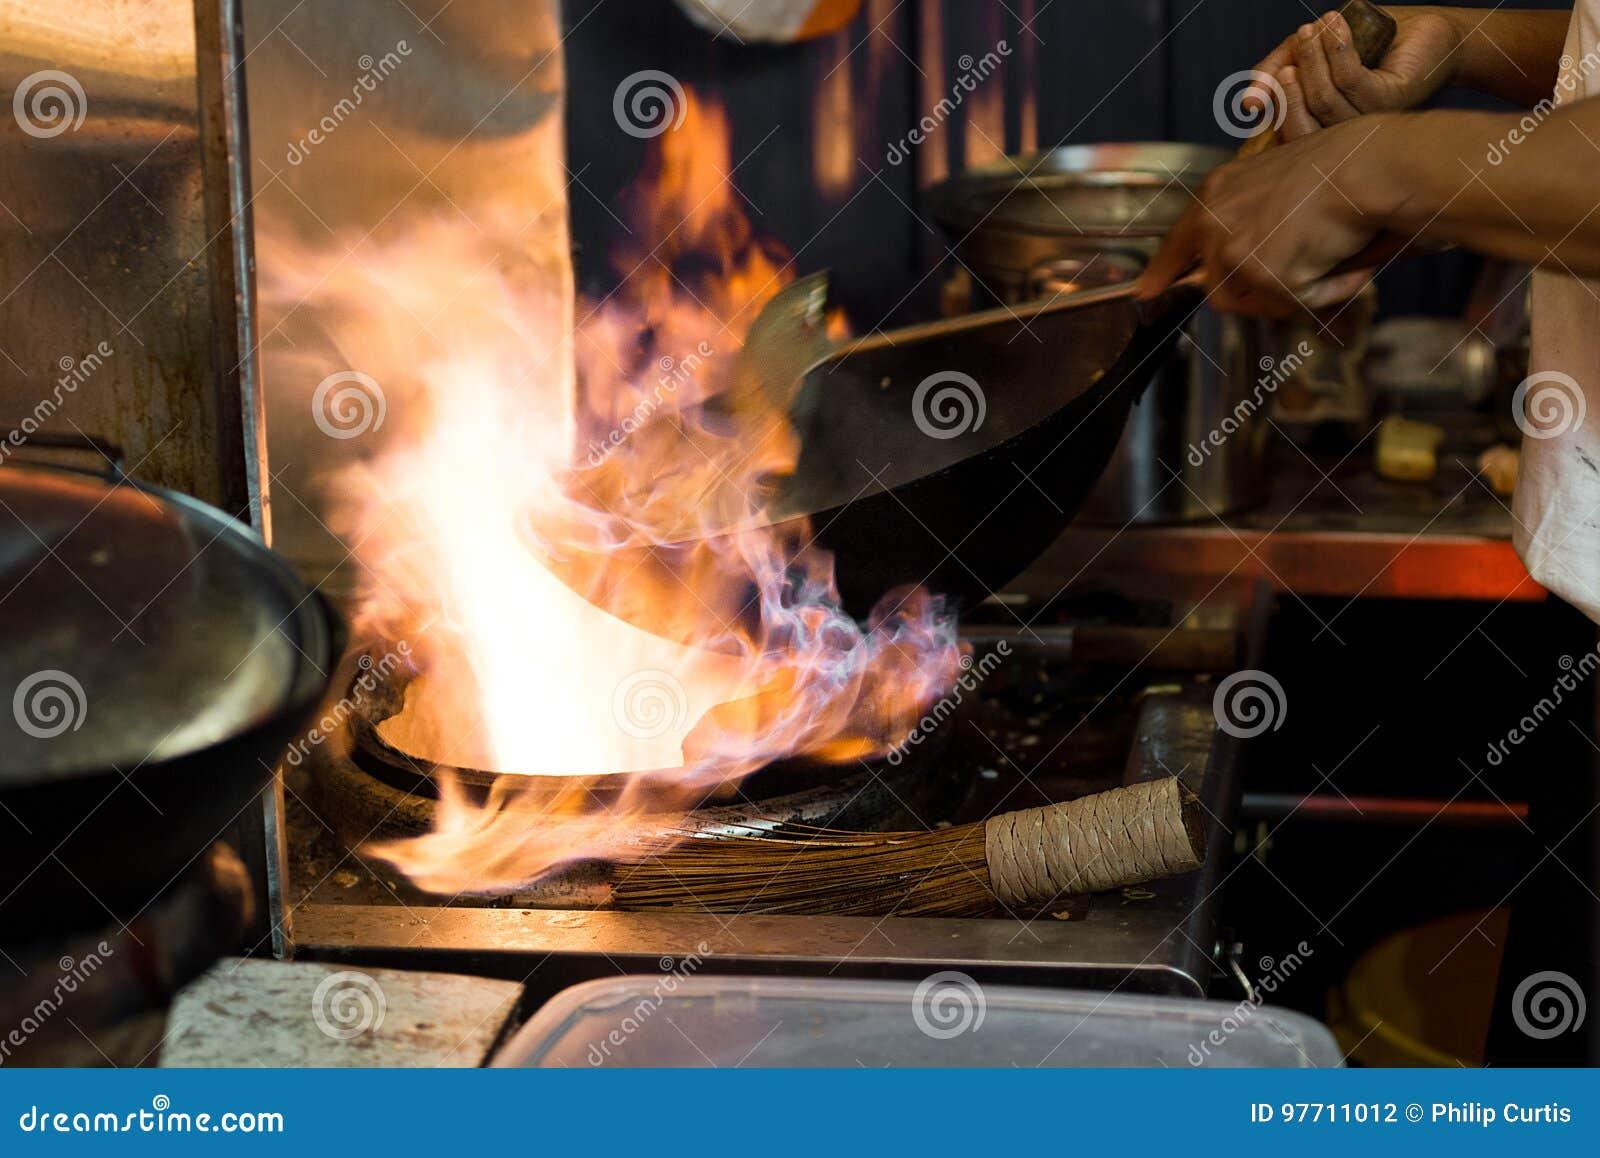 Azjatycki wok kucharstwo z płomieniami w otwartym stylowym ulicznym karmowym kitc